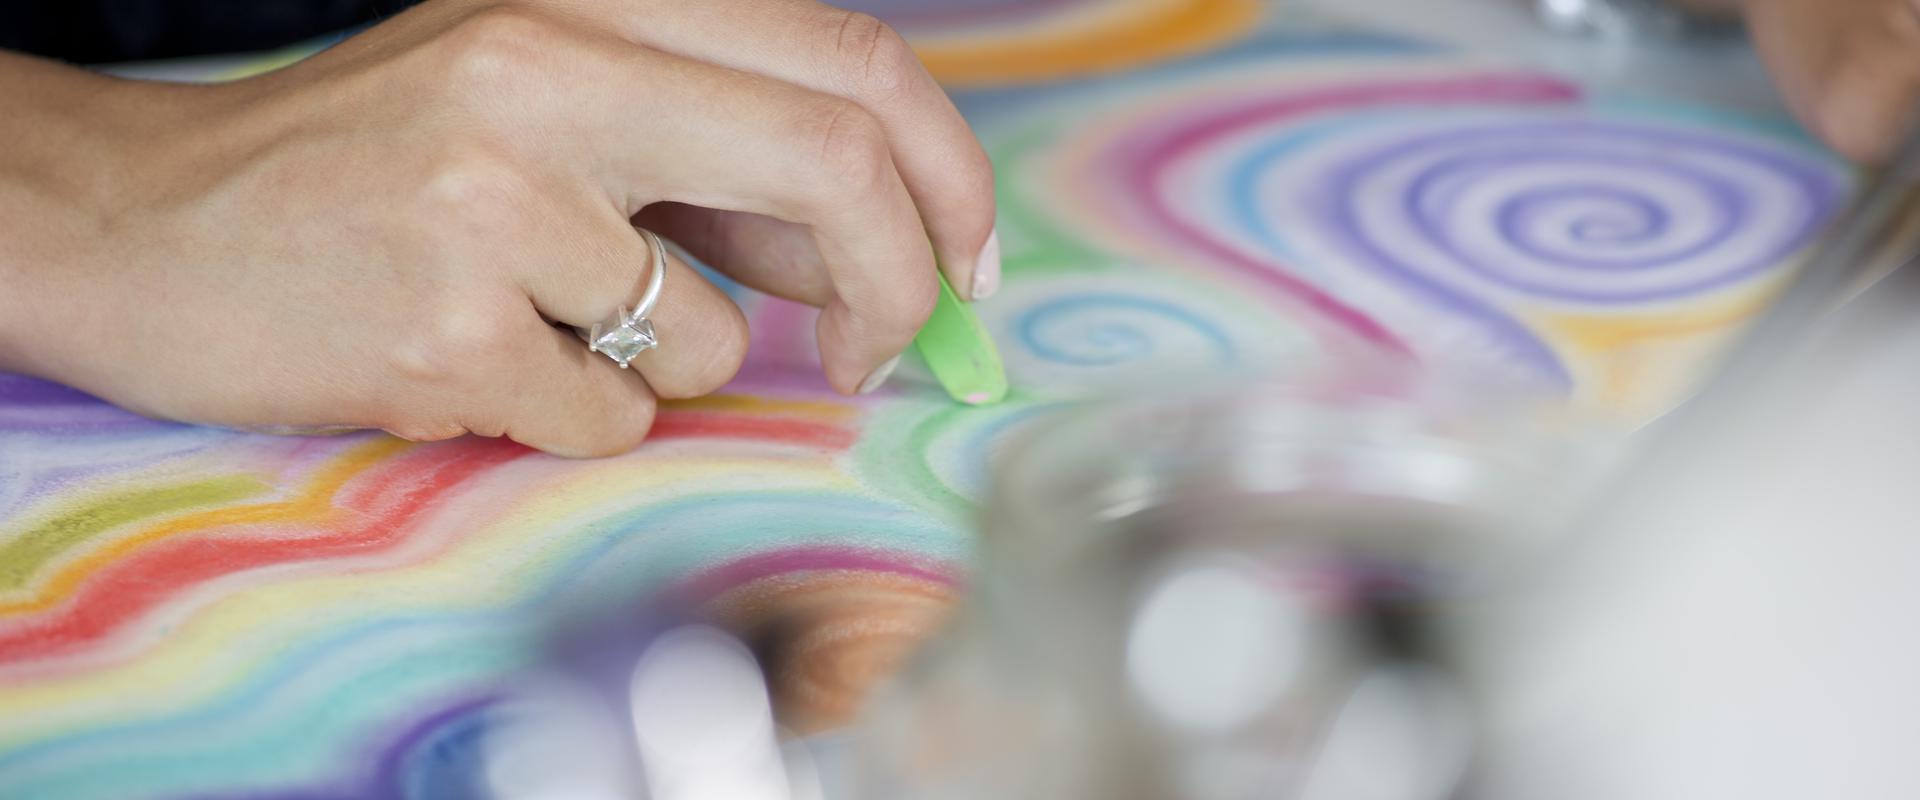 Patientin malt ein Bild in der MEDIAN Klinik Wigbertshöhe